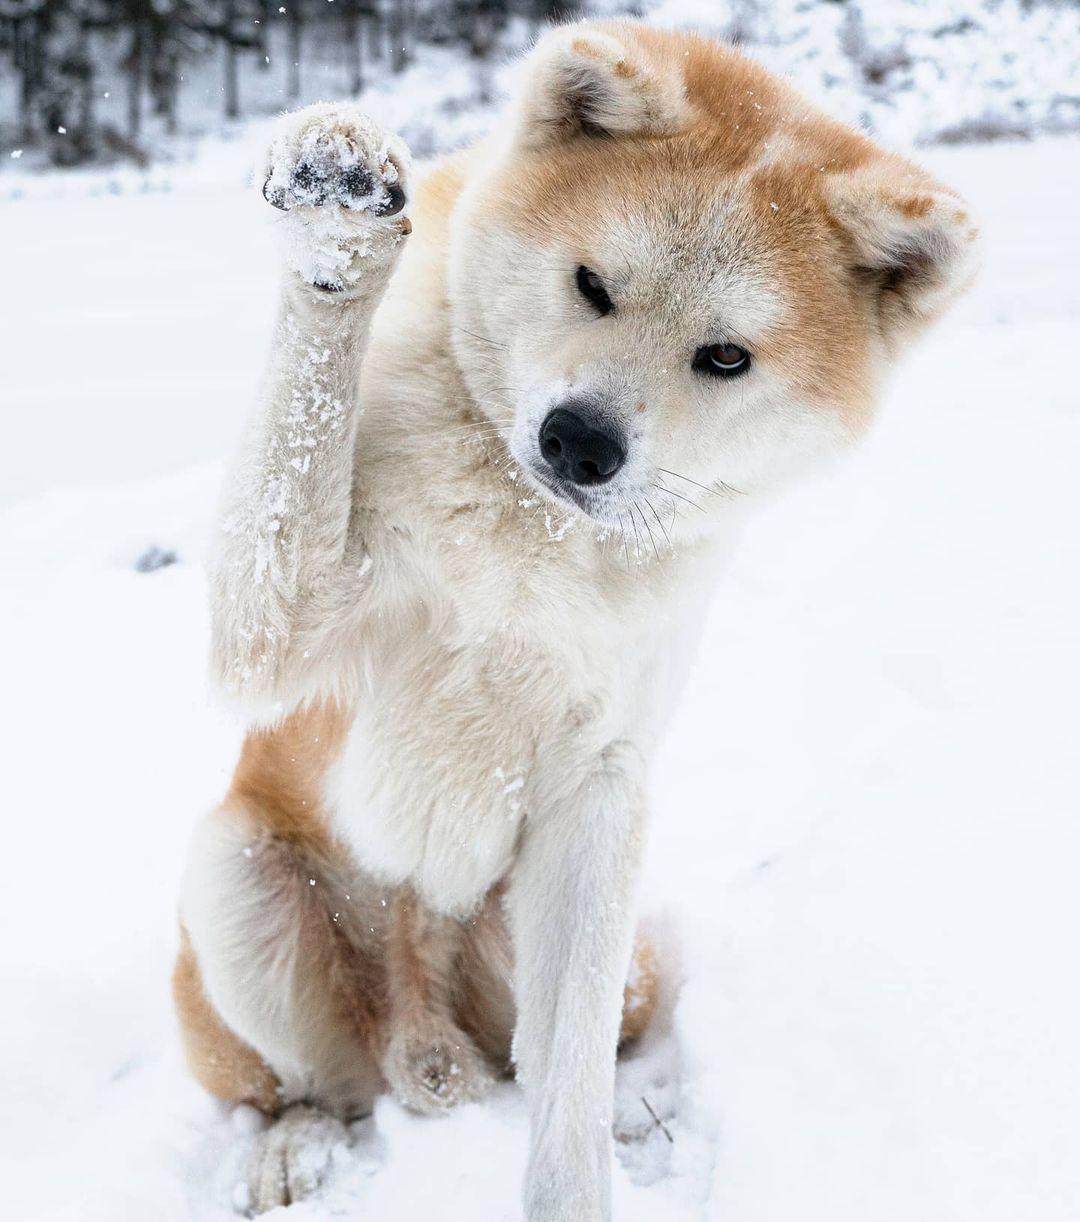 Đặc điểm ngoại hình của chó Akita Inu